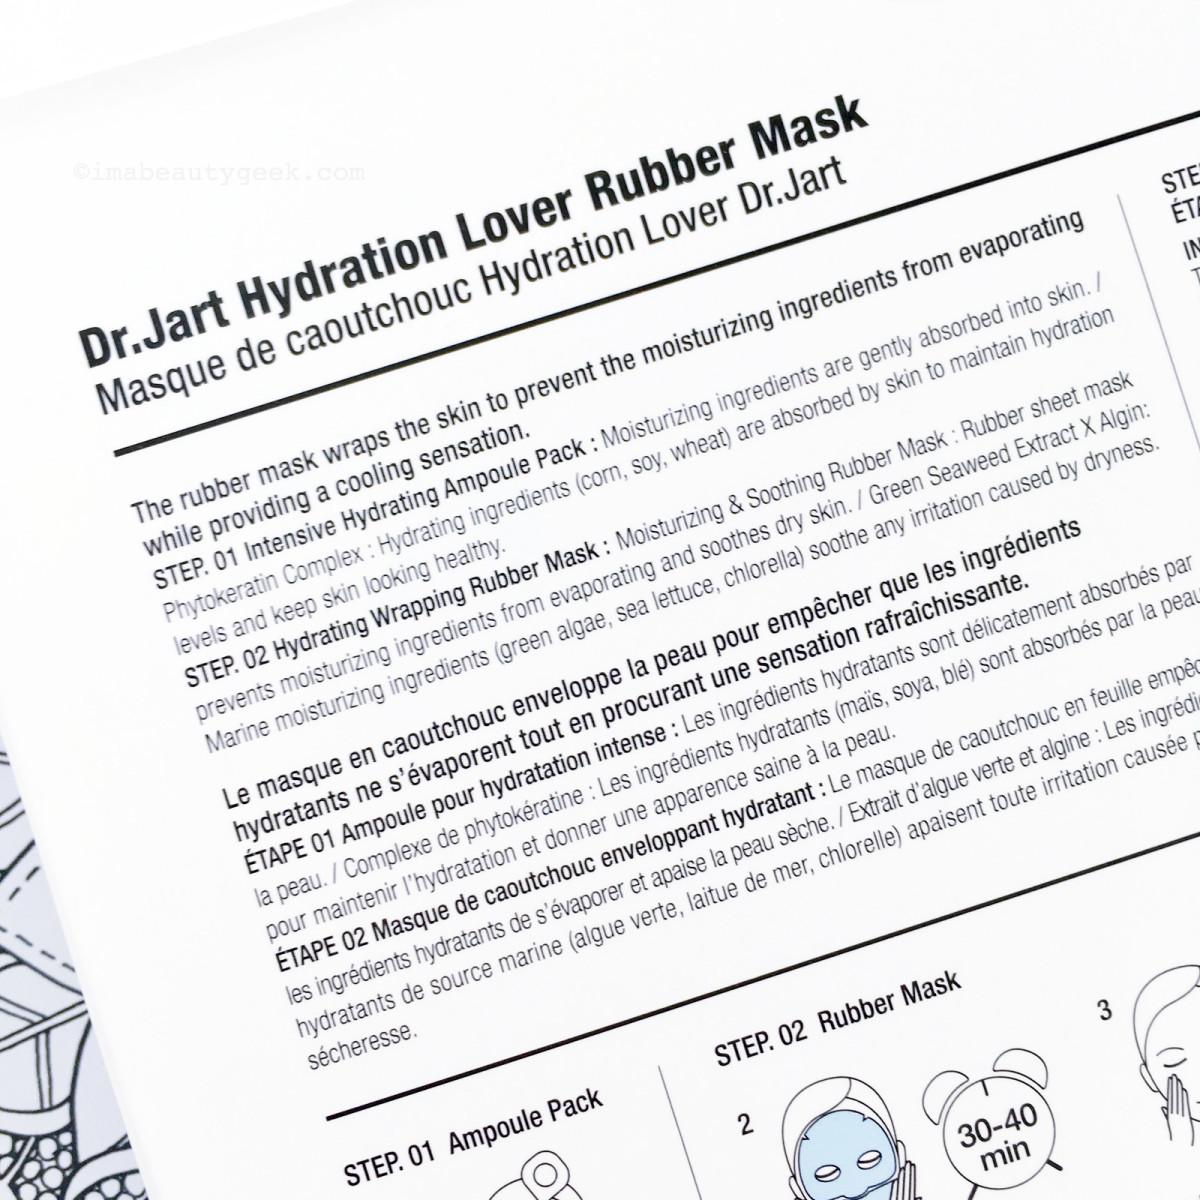 Dr. Jart Hydration Lover Rubber Mask info